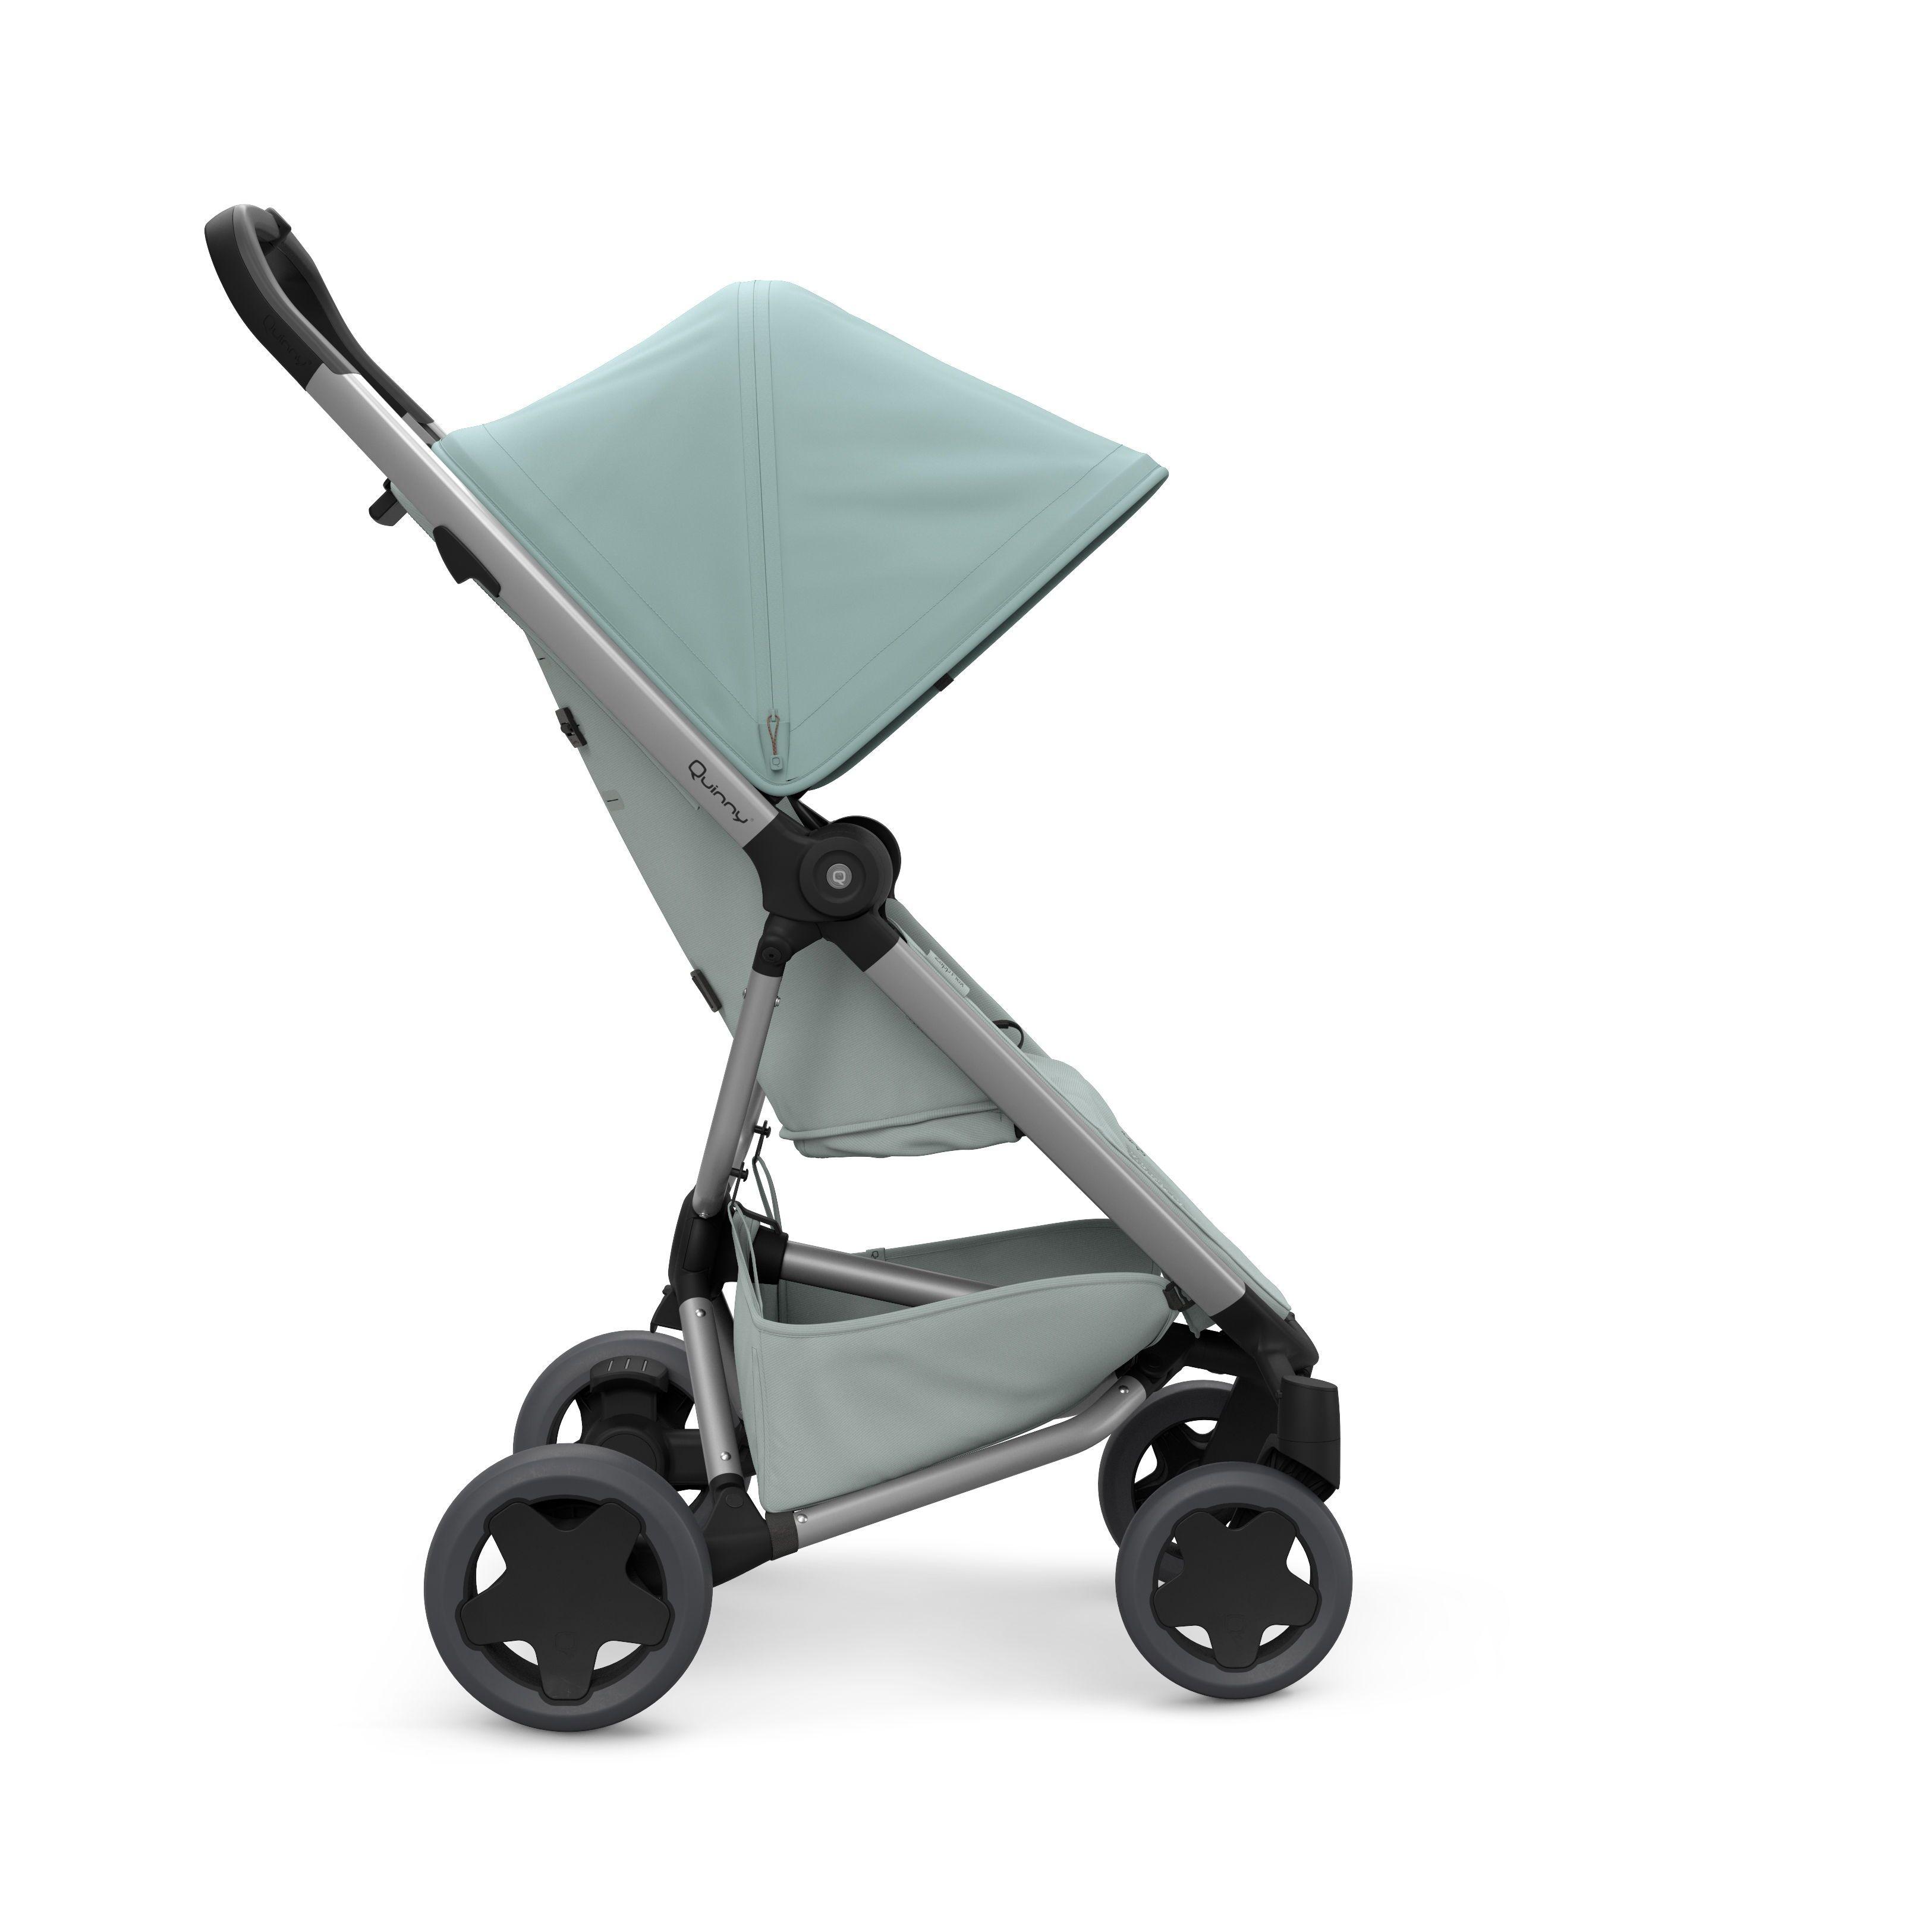 43+ Quinny zapp stroller price info